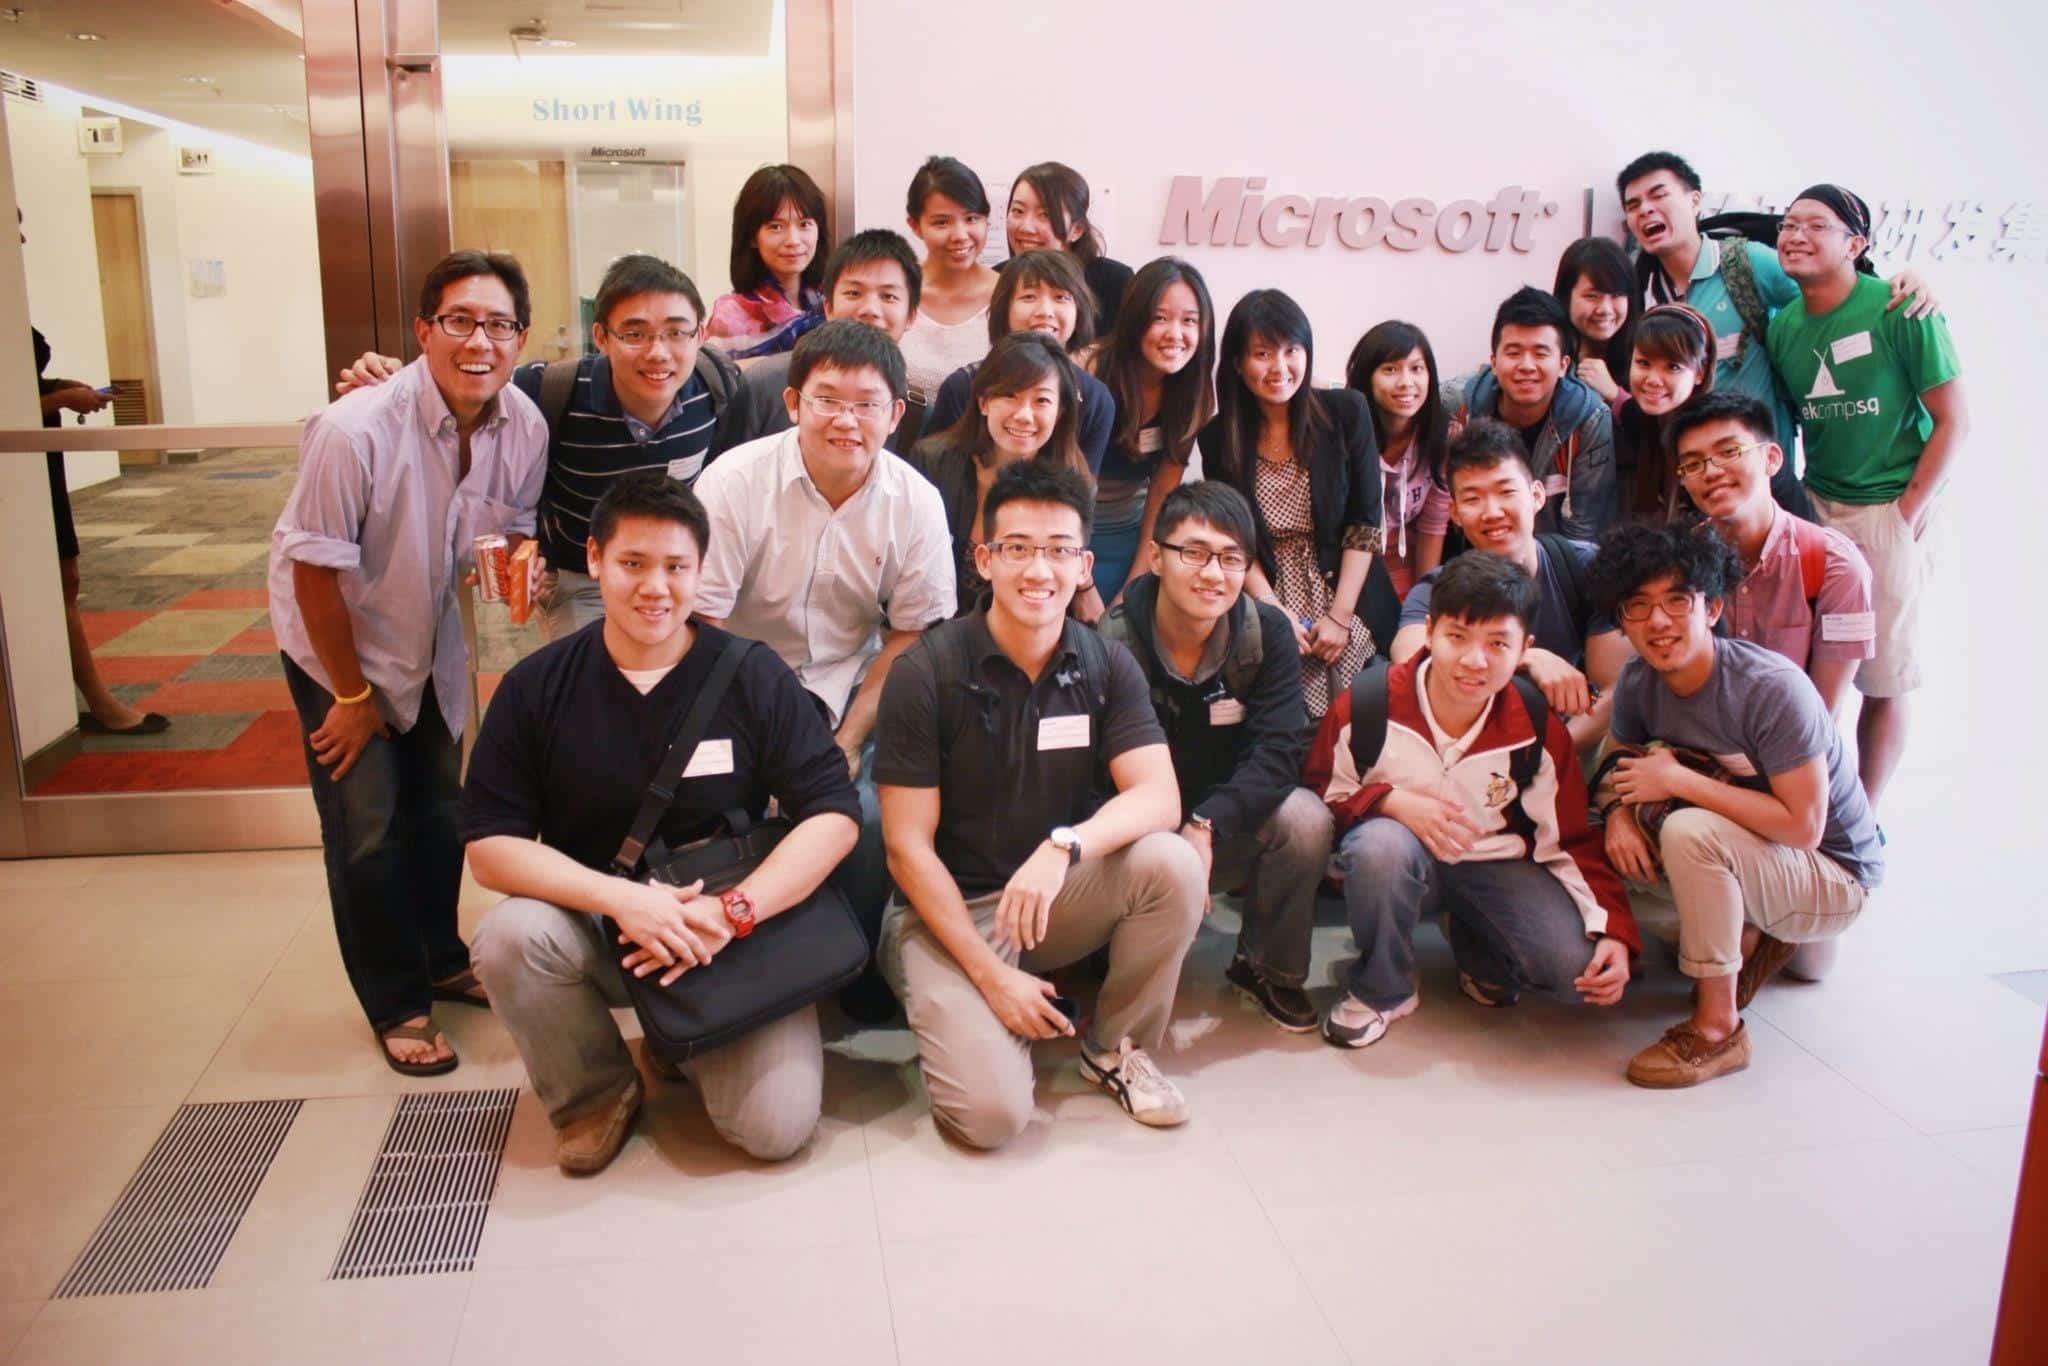 Oficinas de Microsoft en Shanghái. Una de las que visitaron los investigadores del Gobierno chino.